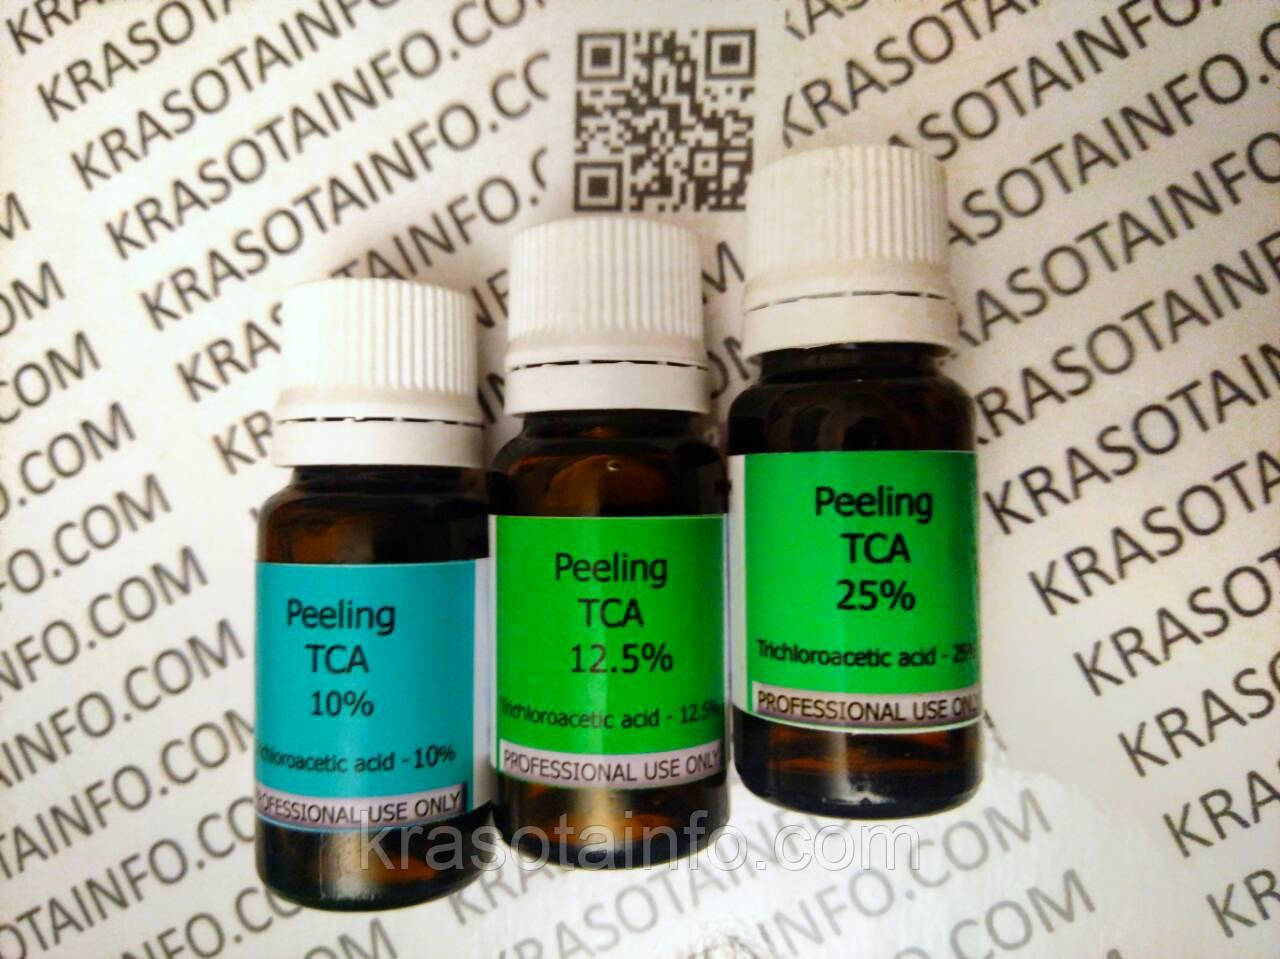 ТСА пилинг 25% - Трихлоруксусная кислота, 30 мл